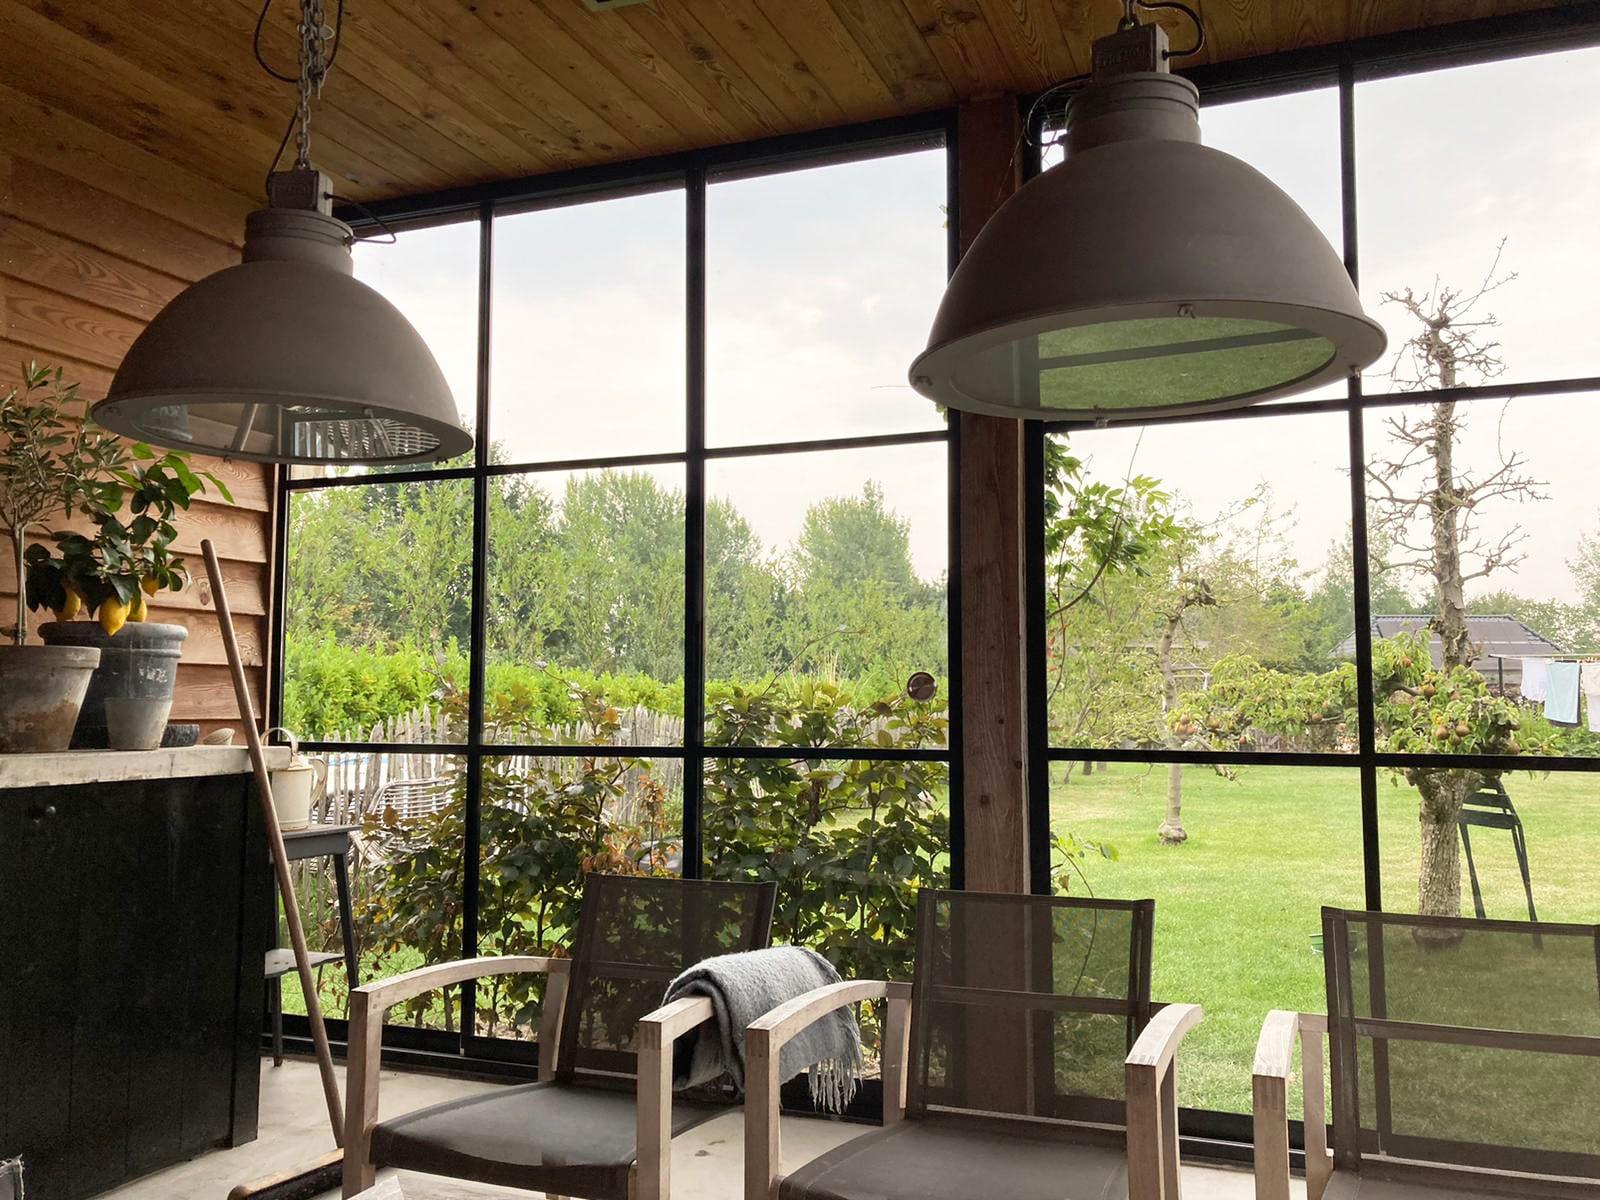 Gartenhaus Holz Schiebetür Sunflex